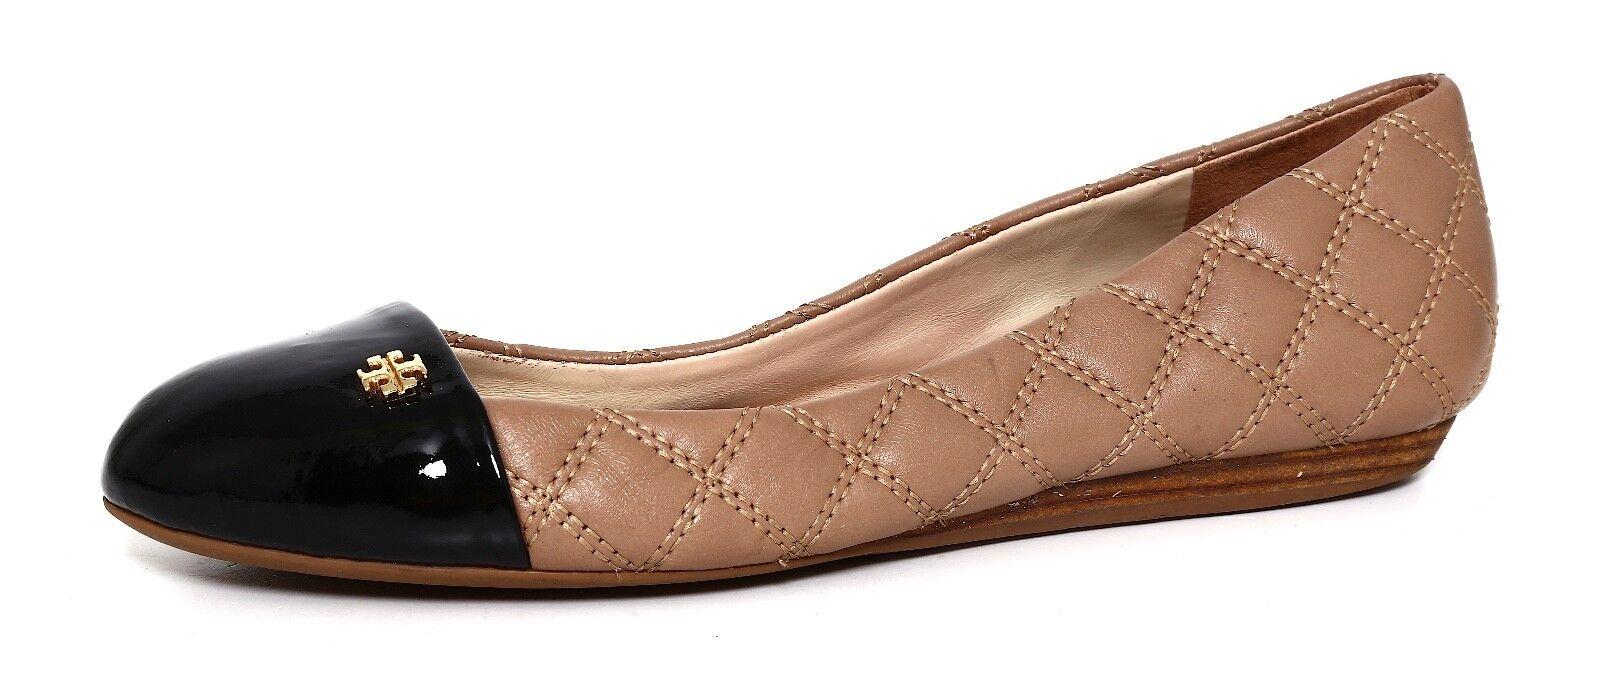 grandi offerte Tory Burch Claremont Claremont Claremont Leather Flat Beige donna Sz 7.5 M 2067  Garanzia di vestibilità al 100%